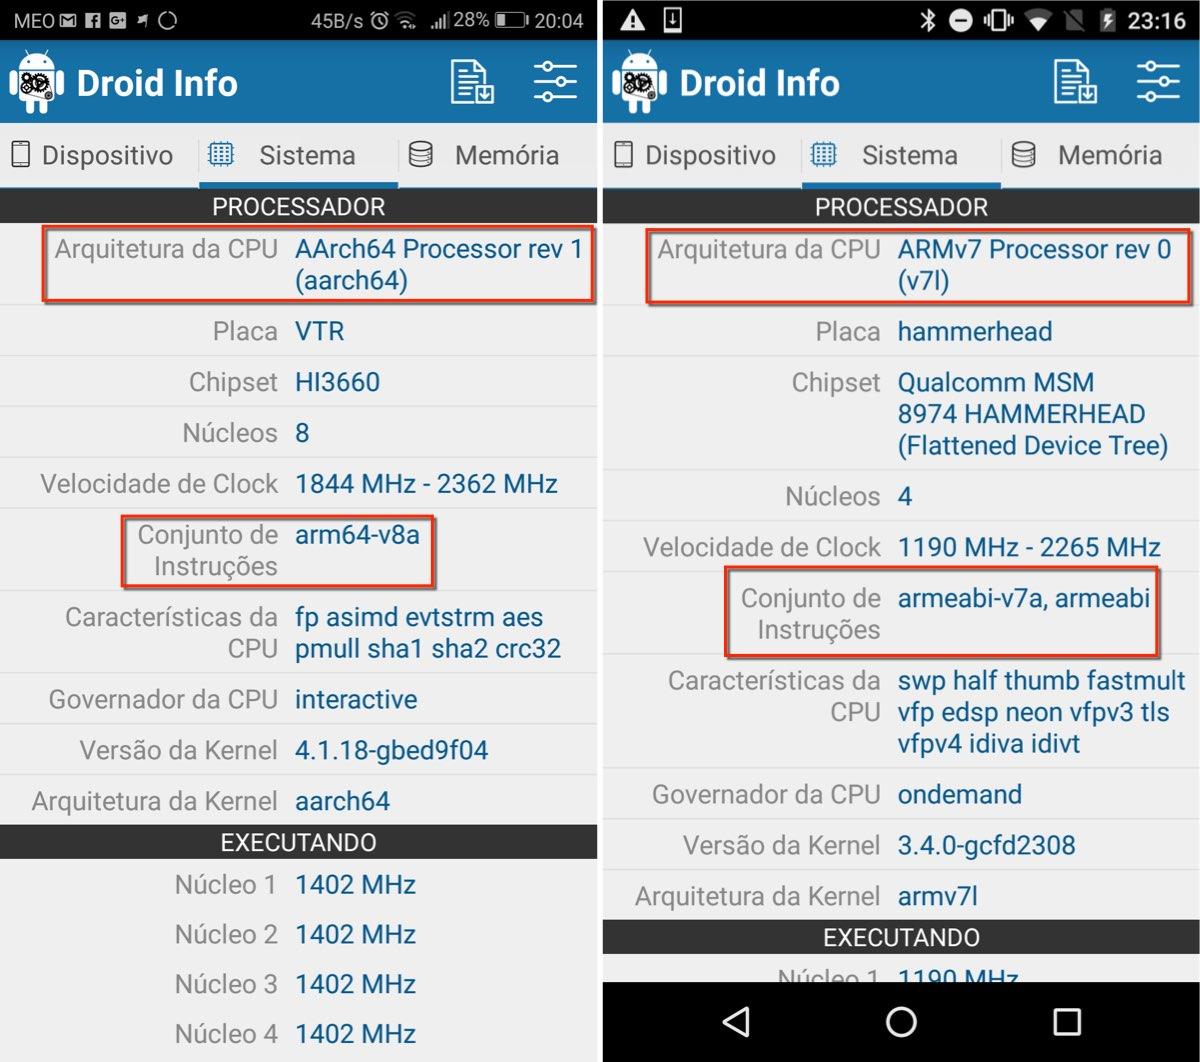 Sabe identificar o processador do seu smartphone Android?